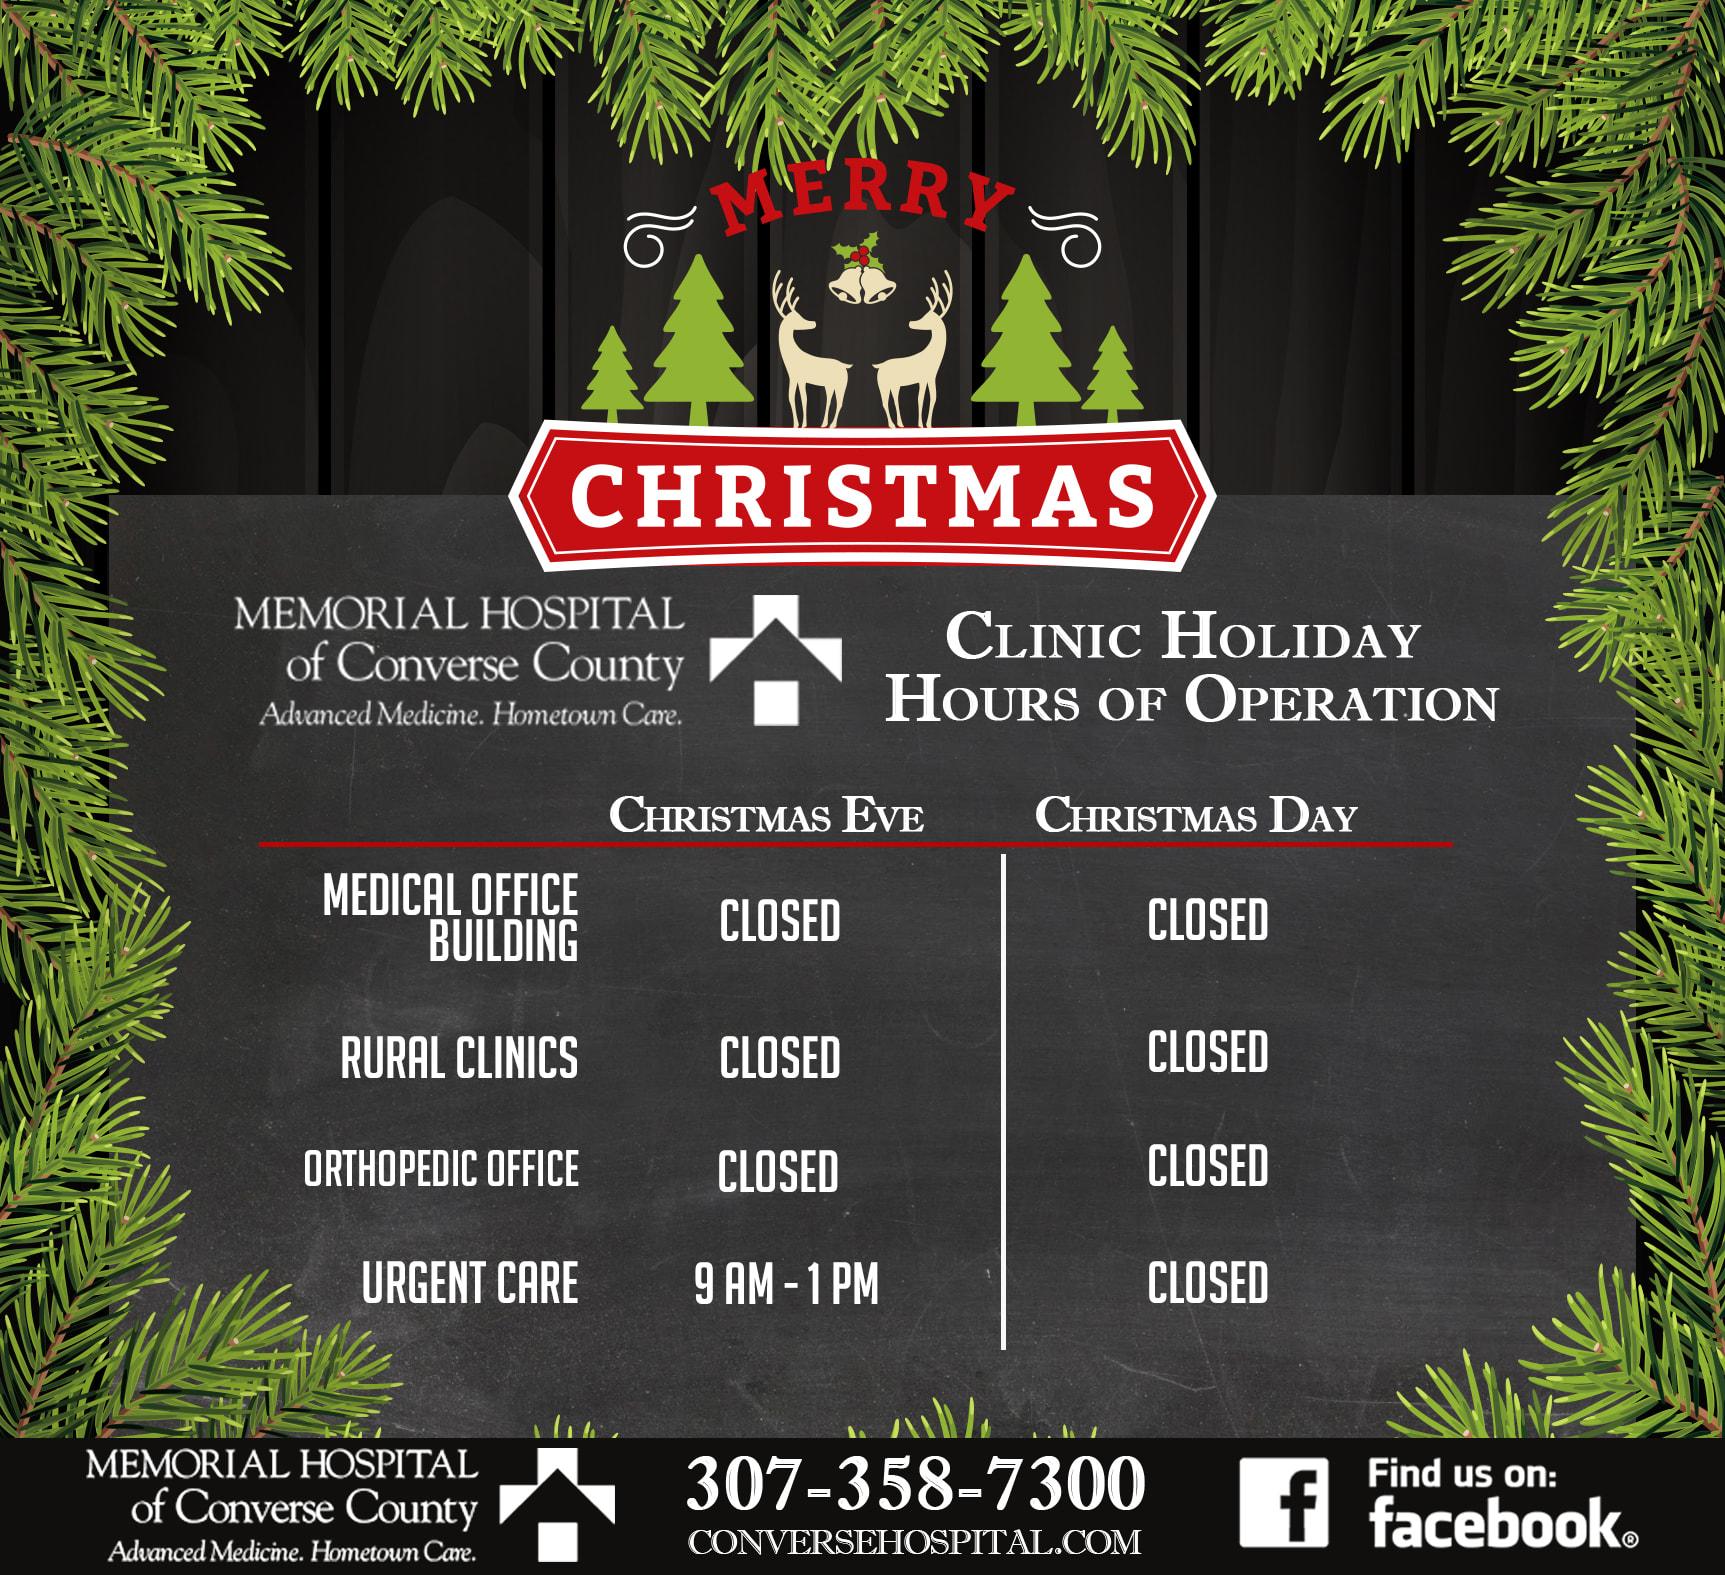 2018 Christmas hours